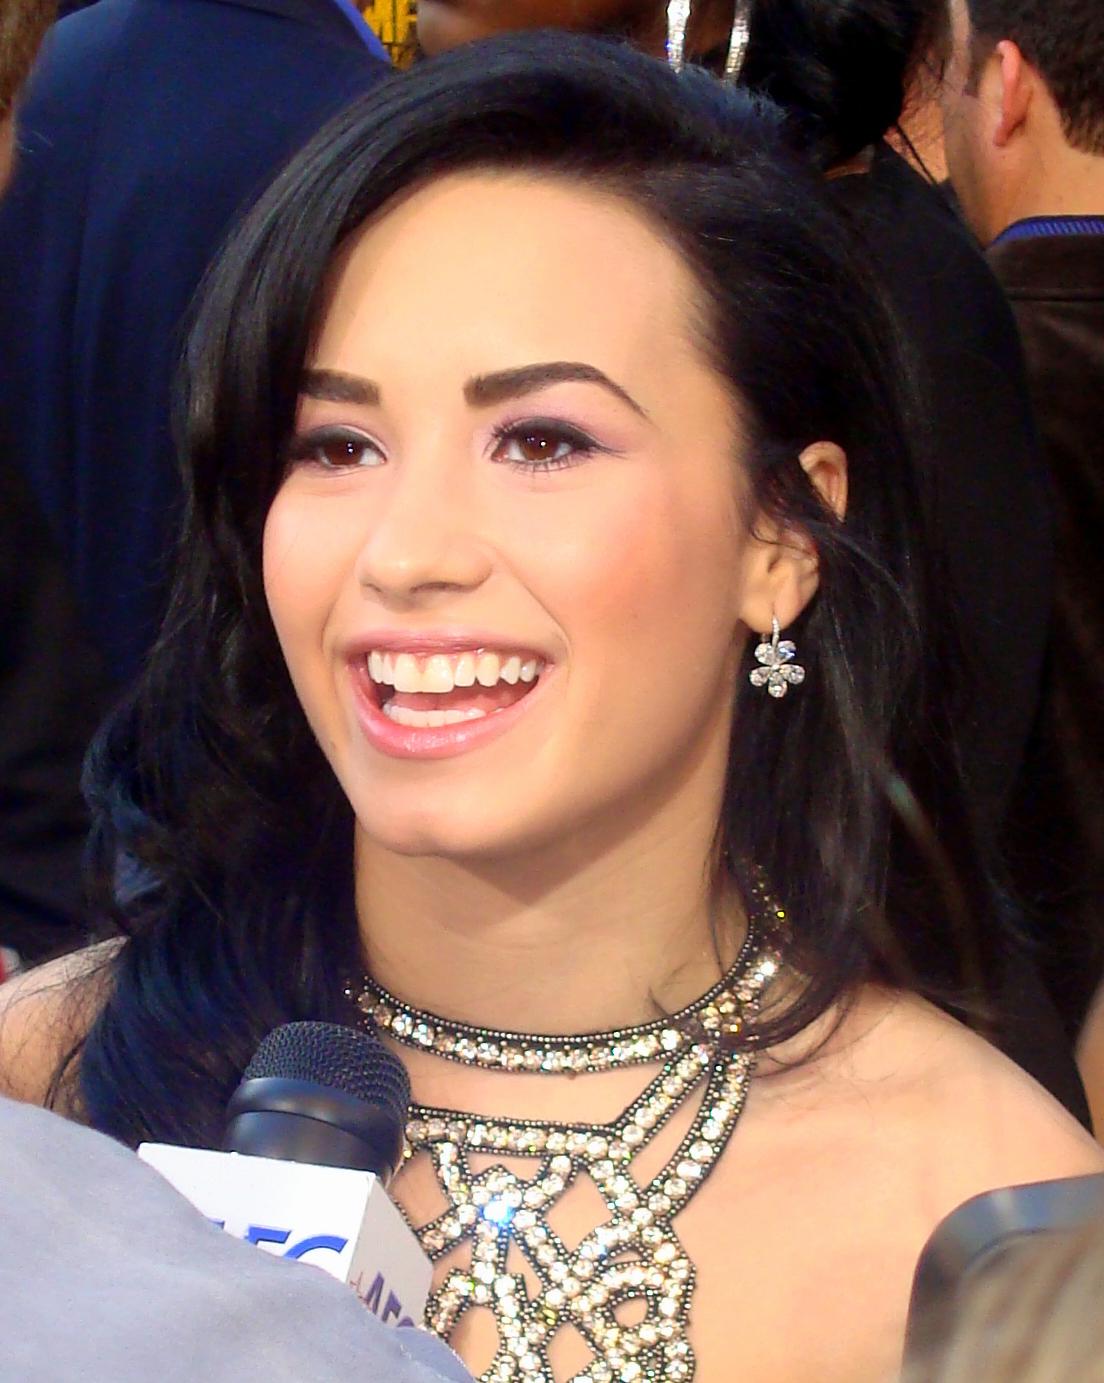 Demi Lovato photo #109795, Demi Lovato image